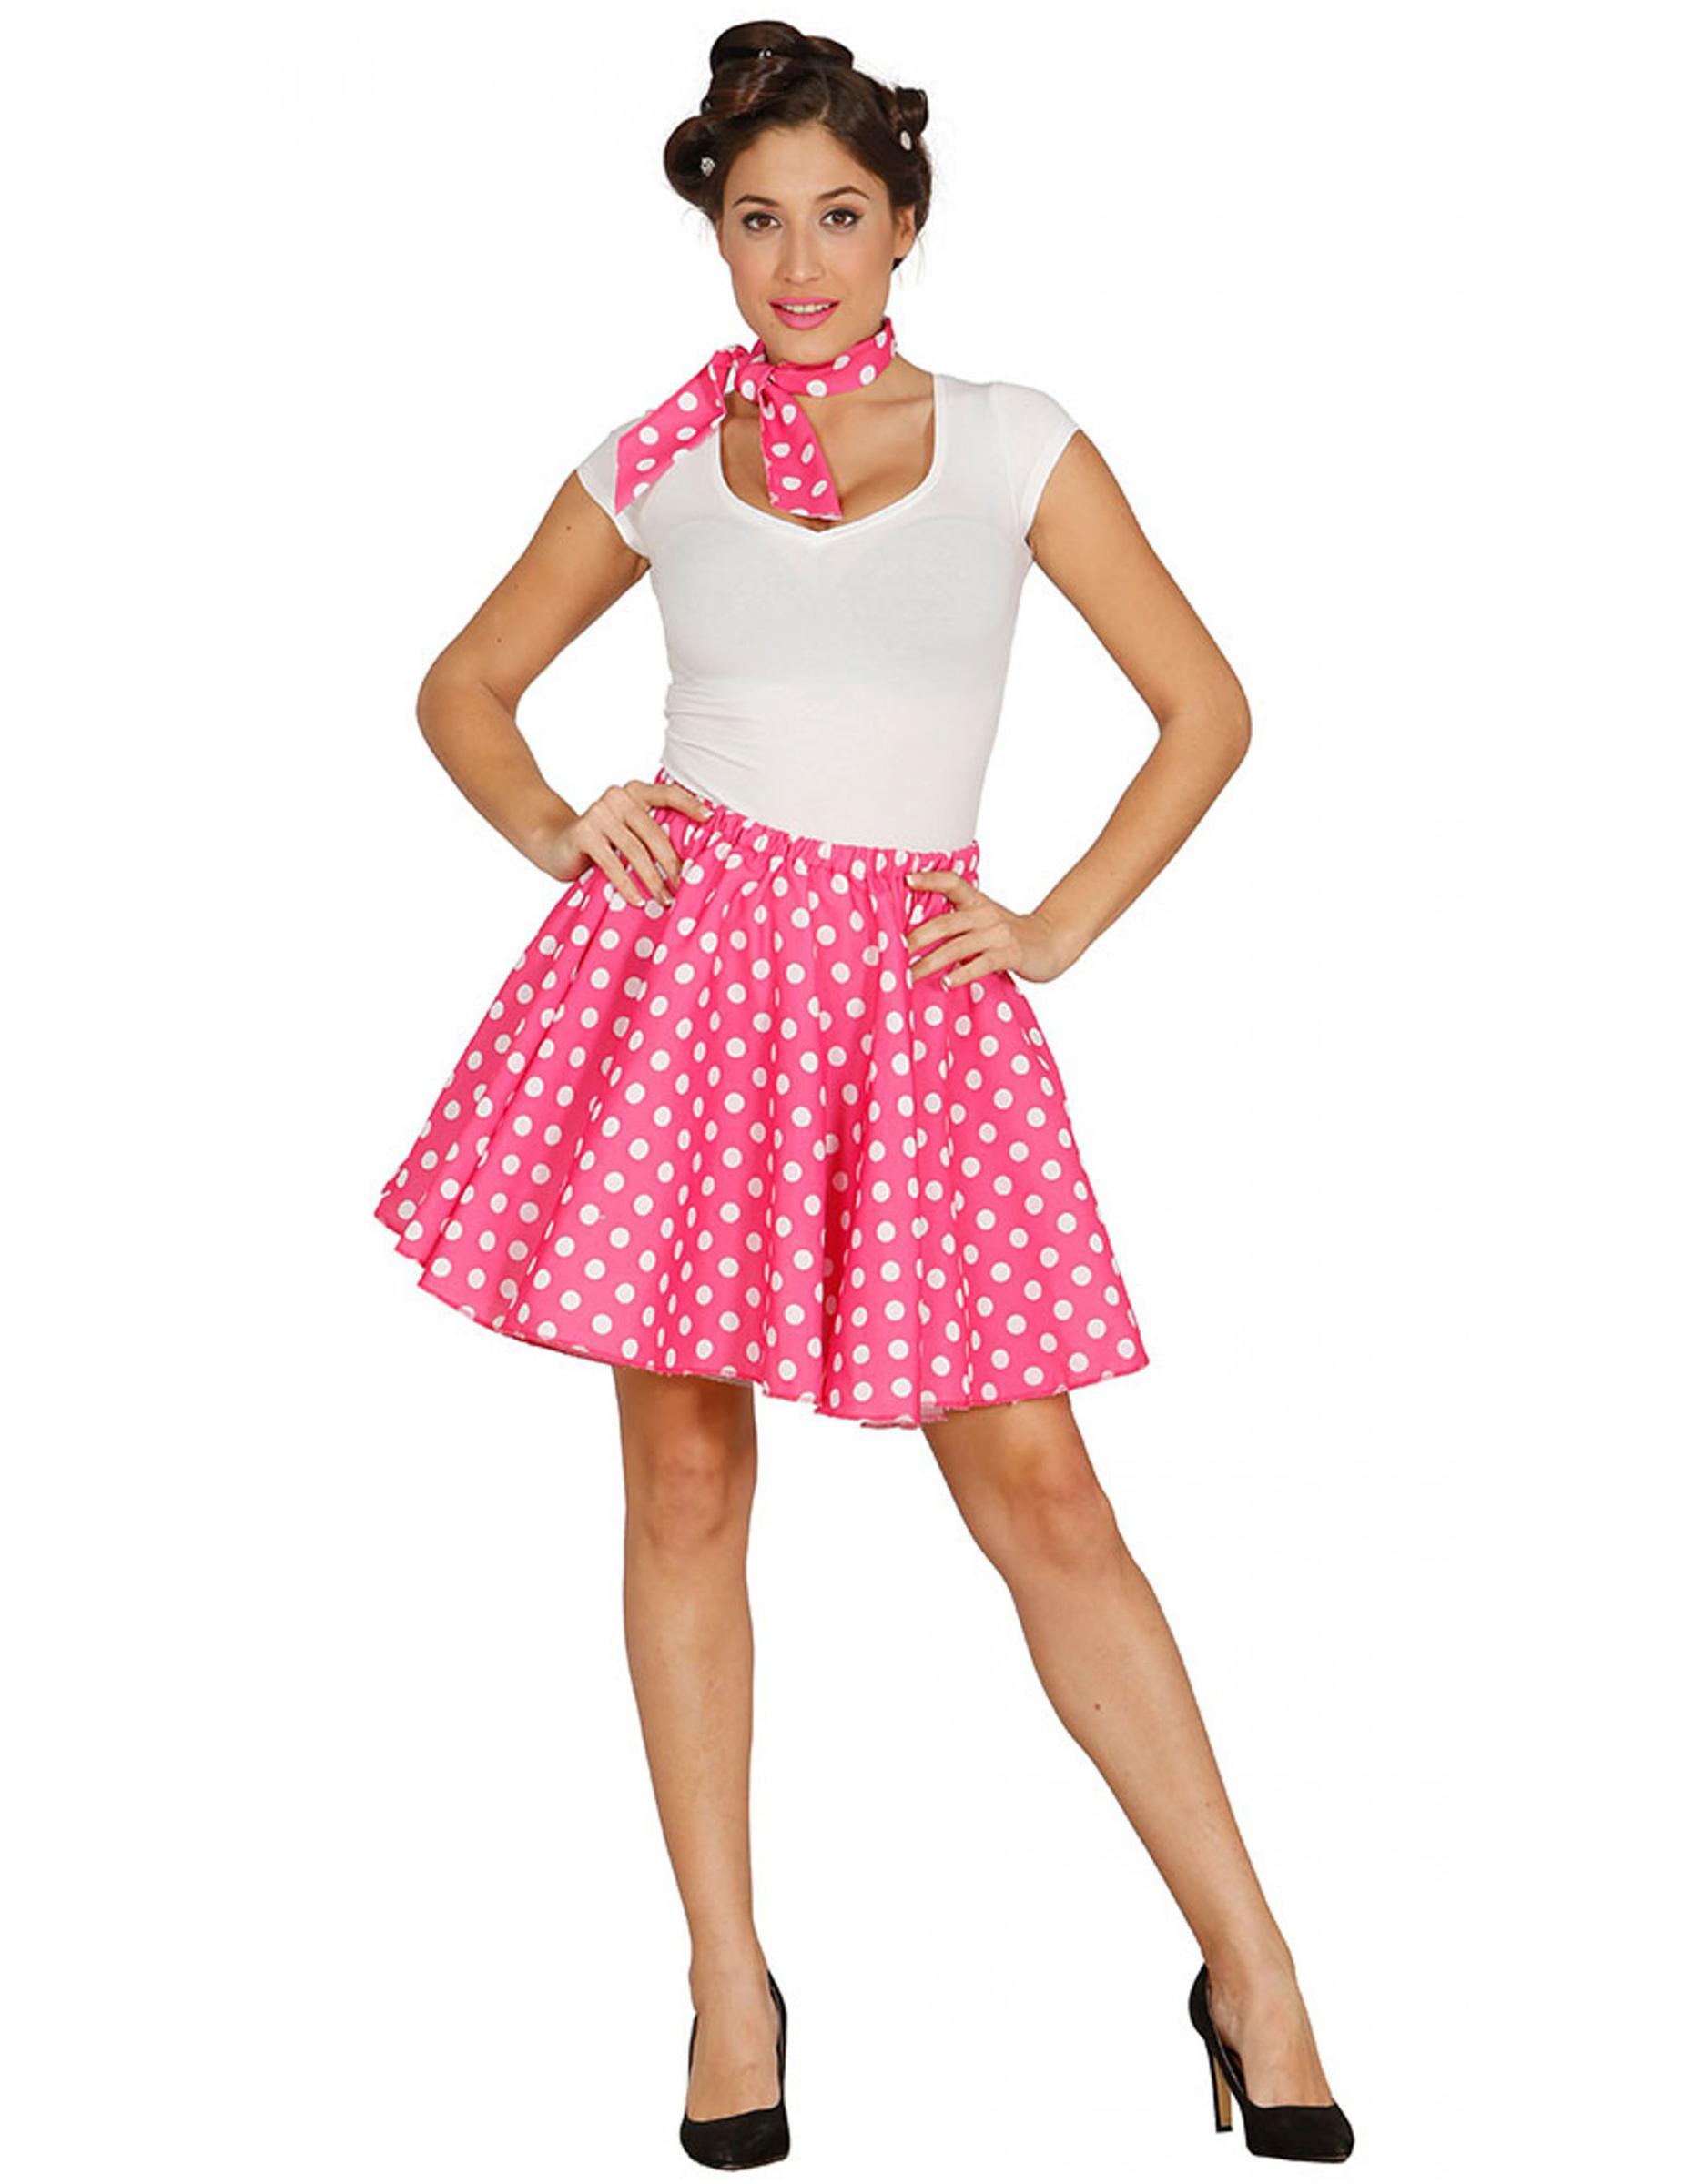 jupe et foulard roses pois ann es 50 femme deguise toi achat de d guisements adultes. Black Bedroom Furniture Sets. Home Design Ideas